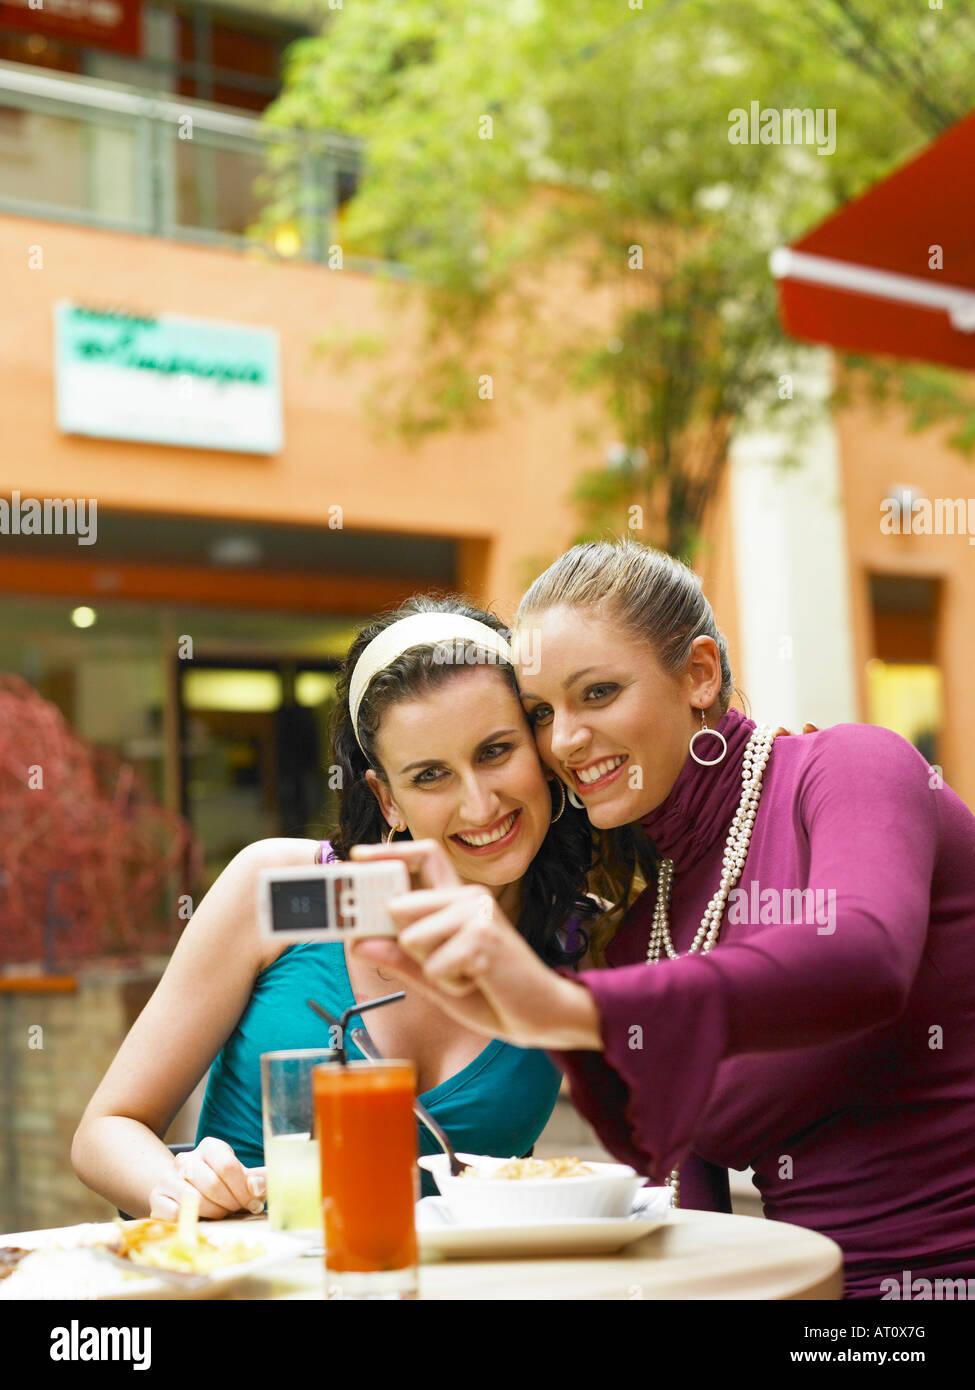 Mujer toma la foto con el teléfono móvil Imagen De Stock